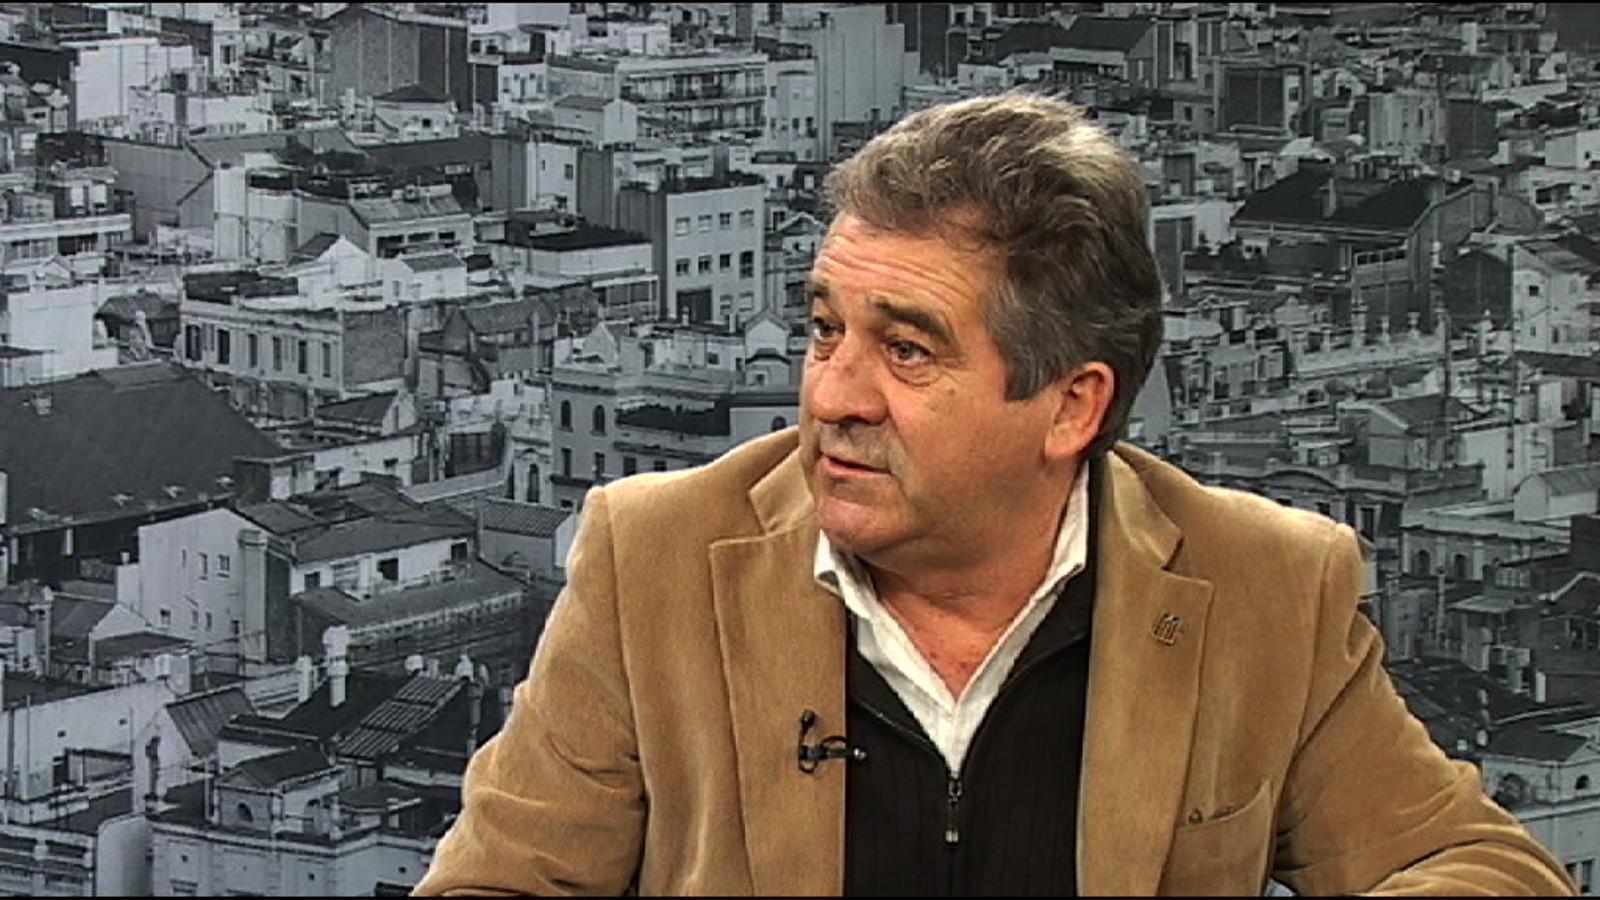 Josep Andreu, alcalde de Montblanc: A Madrid em van ensenyar l'oficina on es pagava el 3% de comissions d'Adif. A dins, diuen que hi havia l'Alejandro Agag